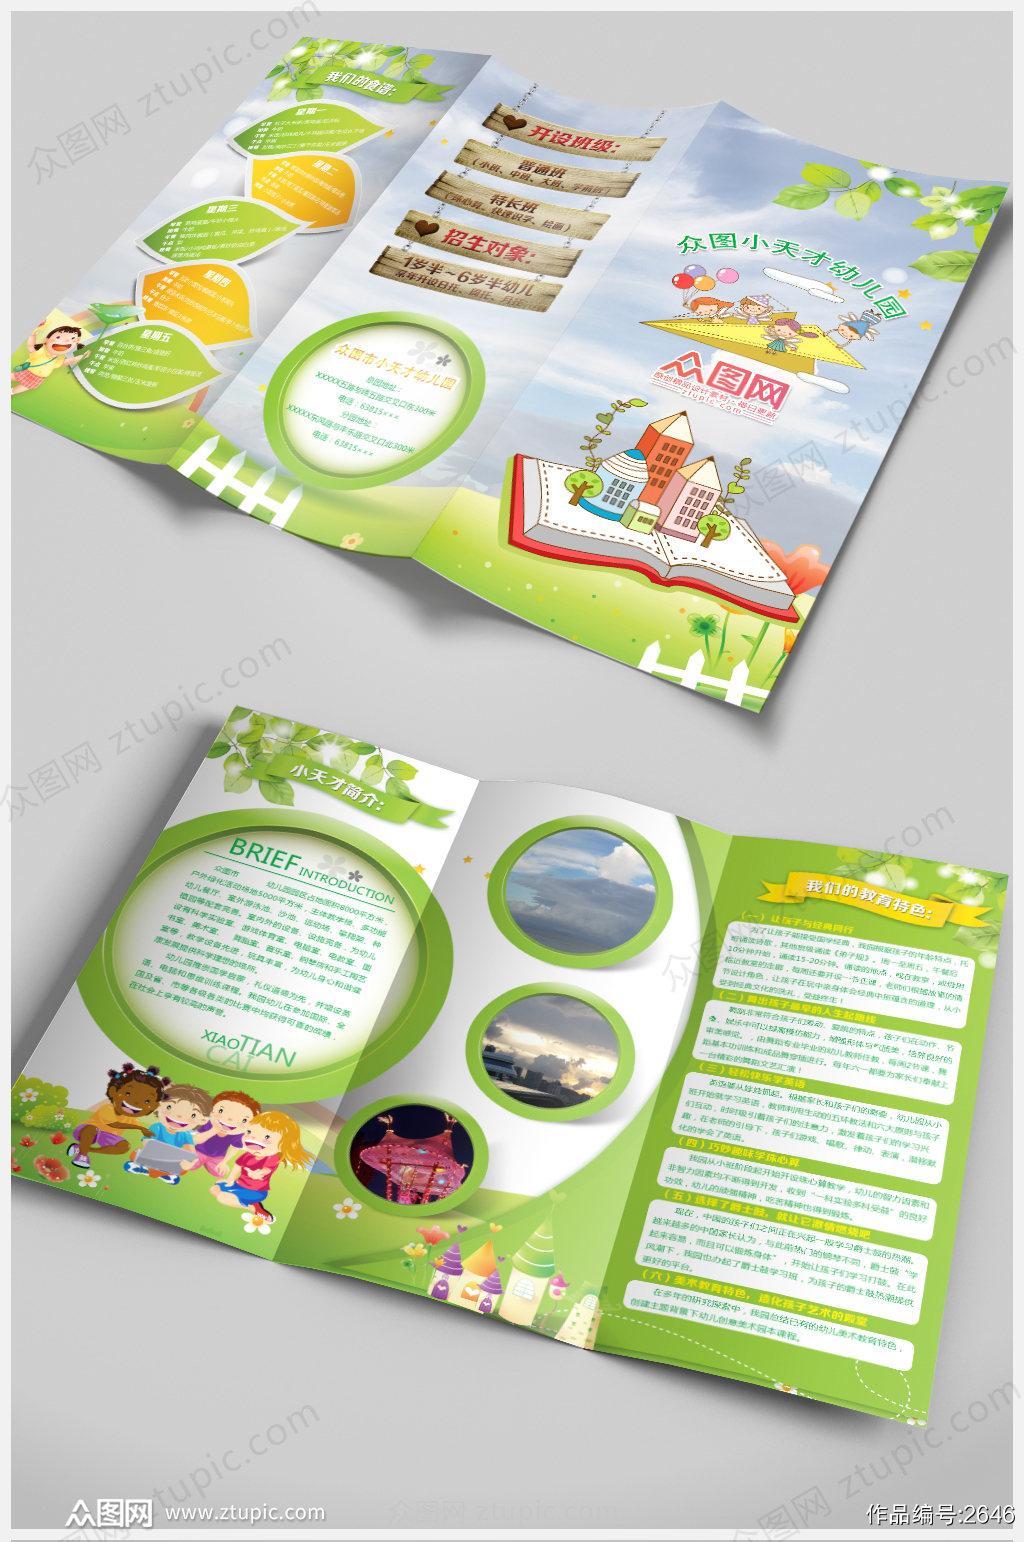 儿童幼儿园招生幼儿启蒙教育卡通三折页设计素材